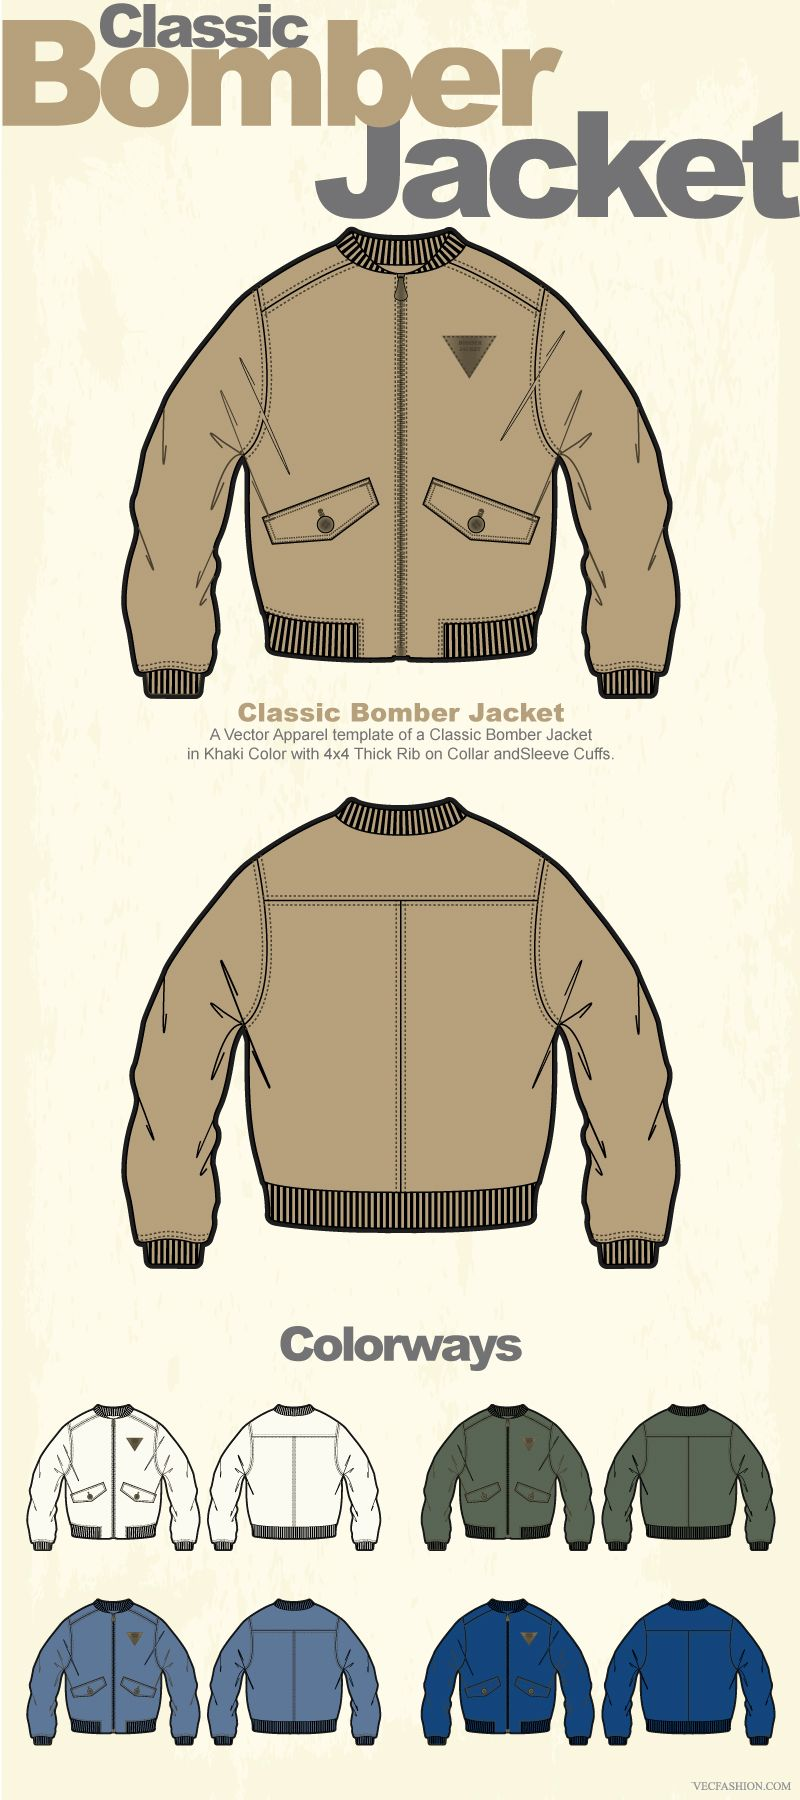 Desain Jaket Bomber Cdr : desain, jaket, bomber, Template, Jaket, Bomber, Vector